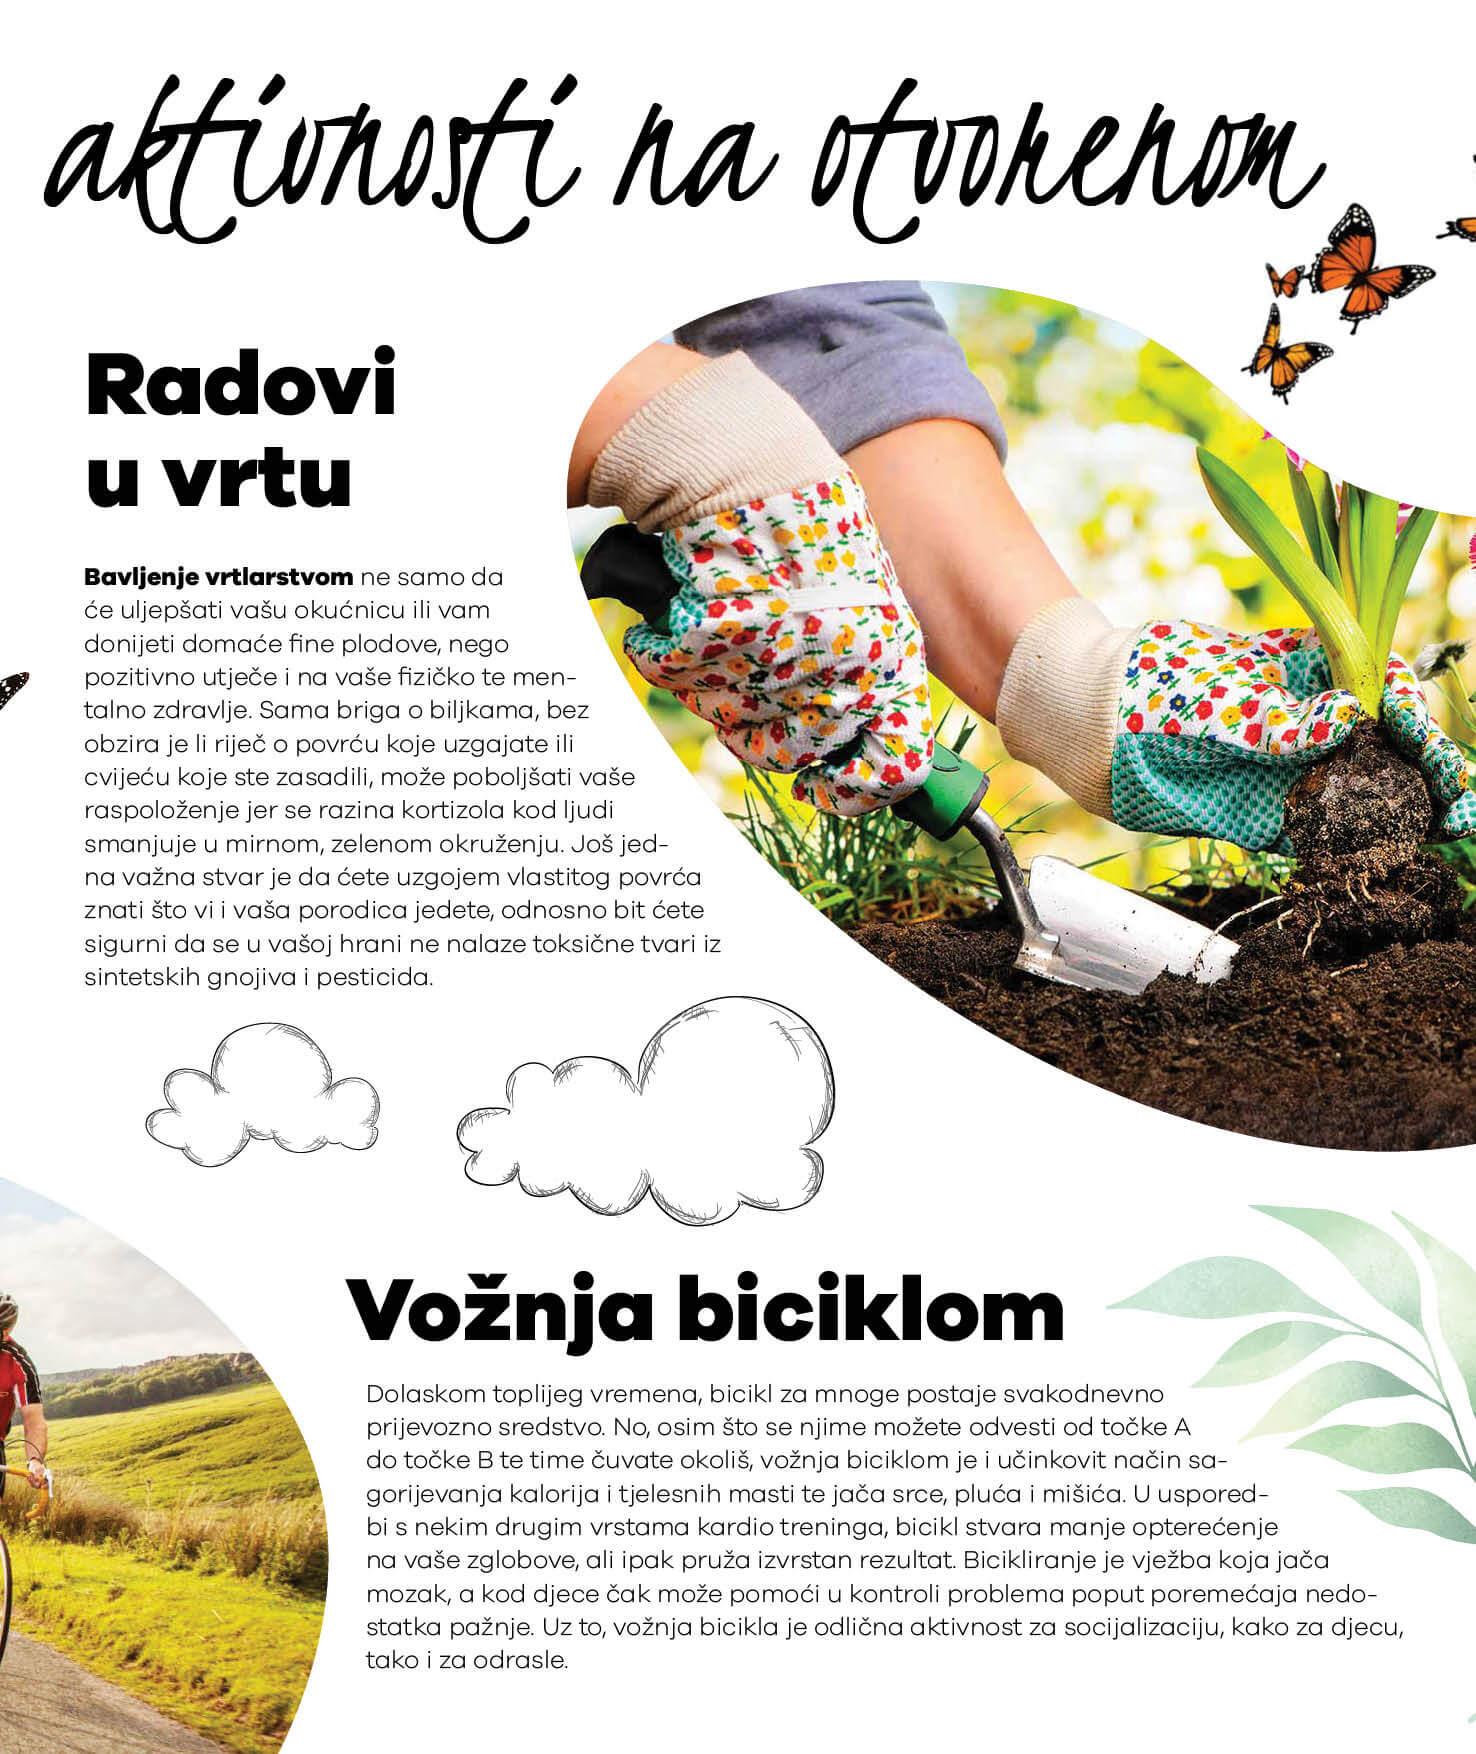 KONZUM Katalog Za boravak u prirodi JUN i JUL 2021 14.6. 14.7. eKatalozi.com PR Page 03